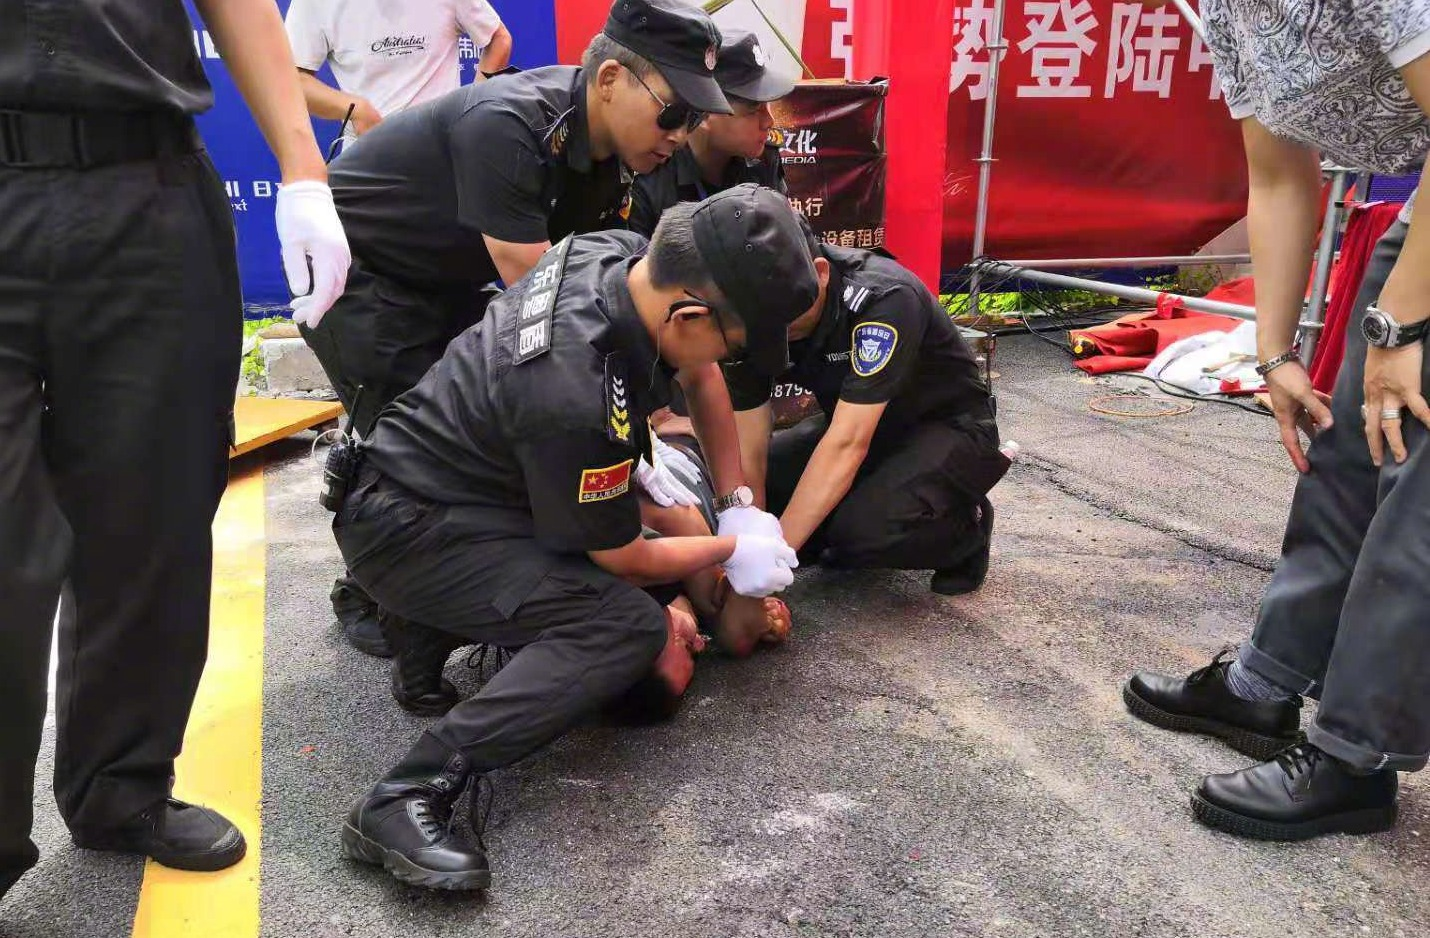 突发:任达华出席活动被袭 疑似腹部中刀